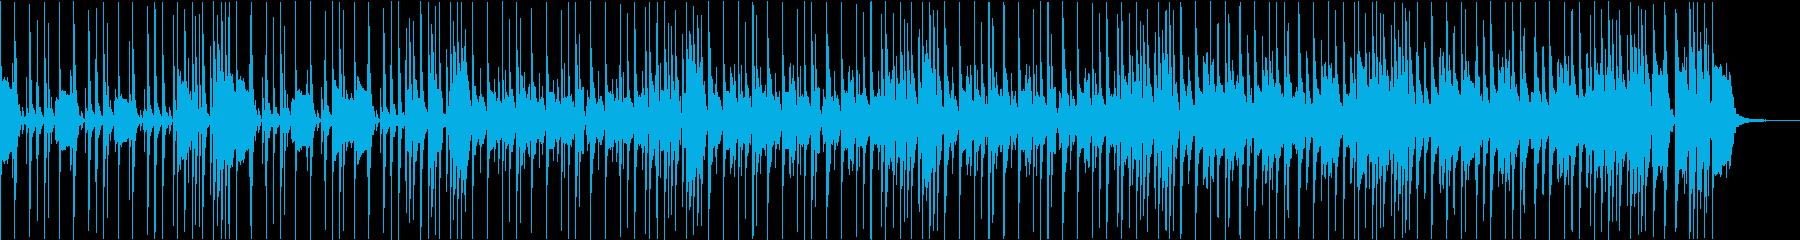 スラップベースとカッティング王道ファンクの再生済みの波形